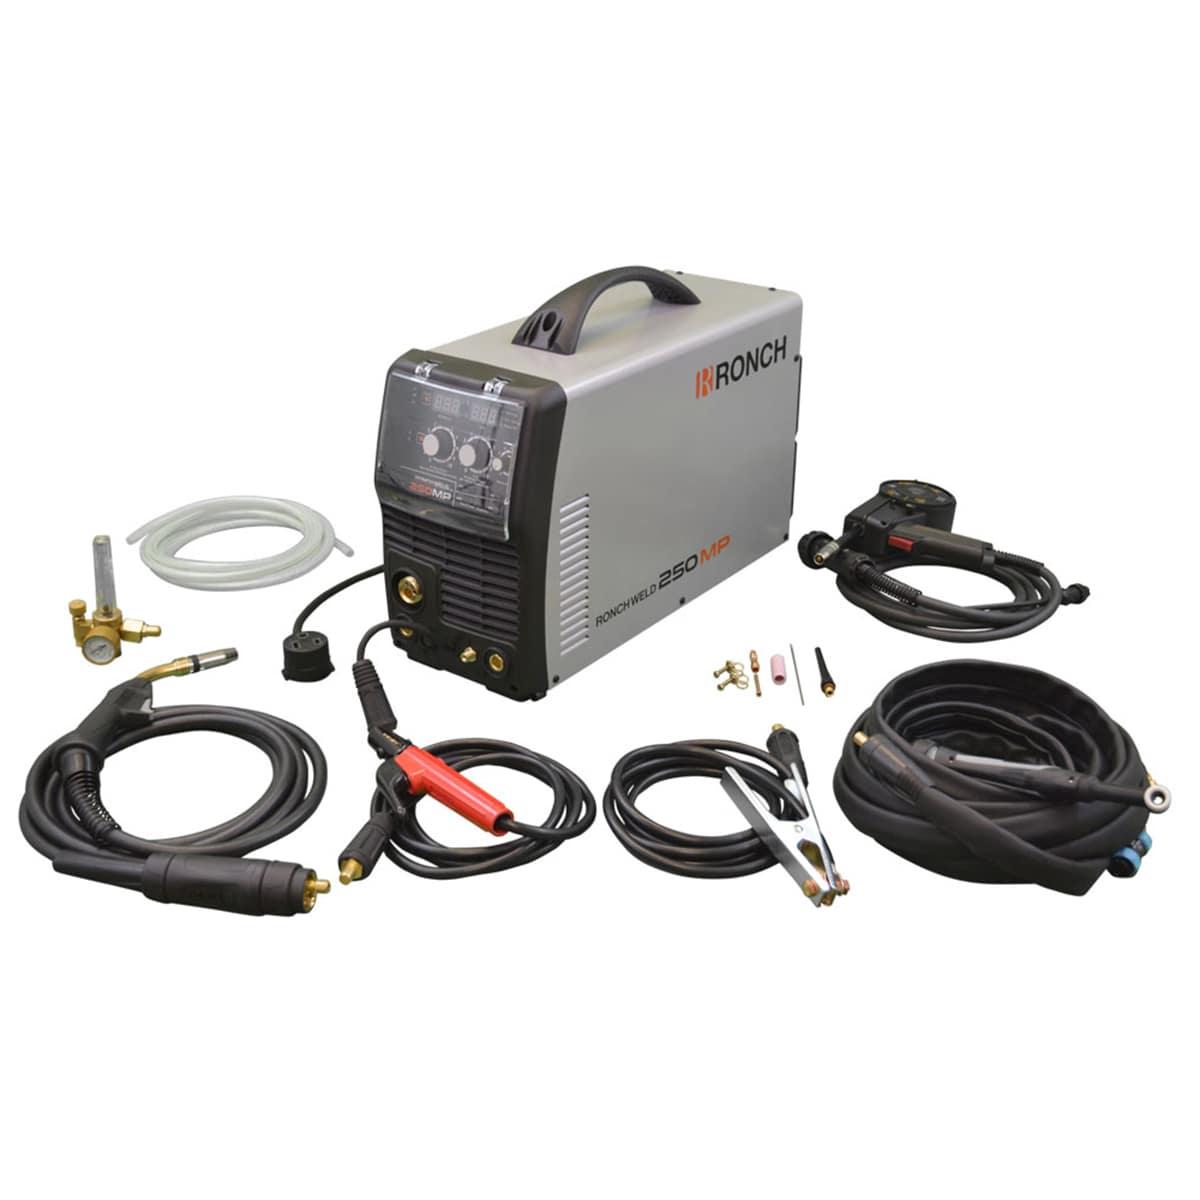 Ronch 200 MP Inverter Welder 440000